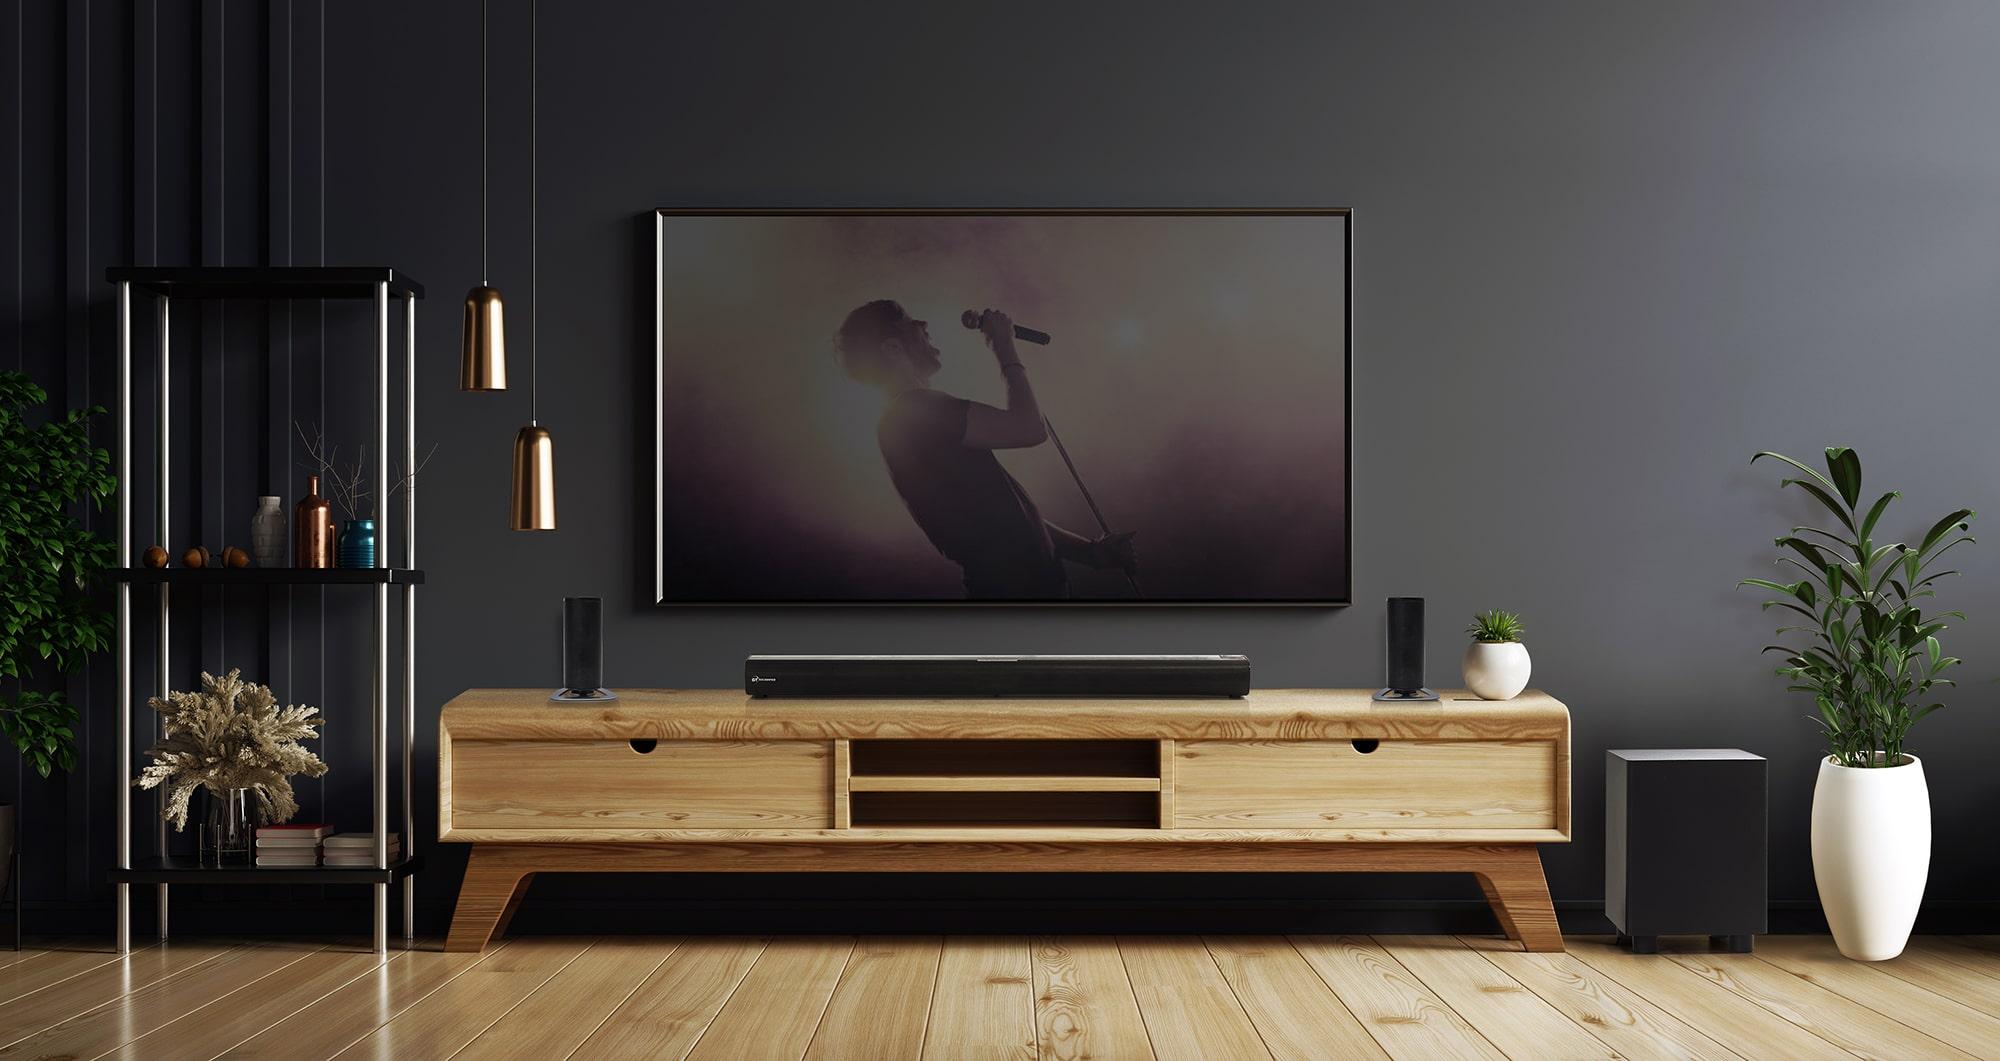 Soundbar 5.1 Canais 280W RMS com Subwoofer sem fio, Bluetooth, Entrada HDMI e Óptica Goldentec